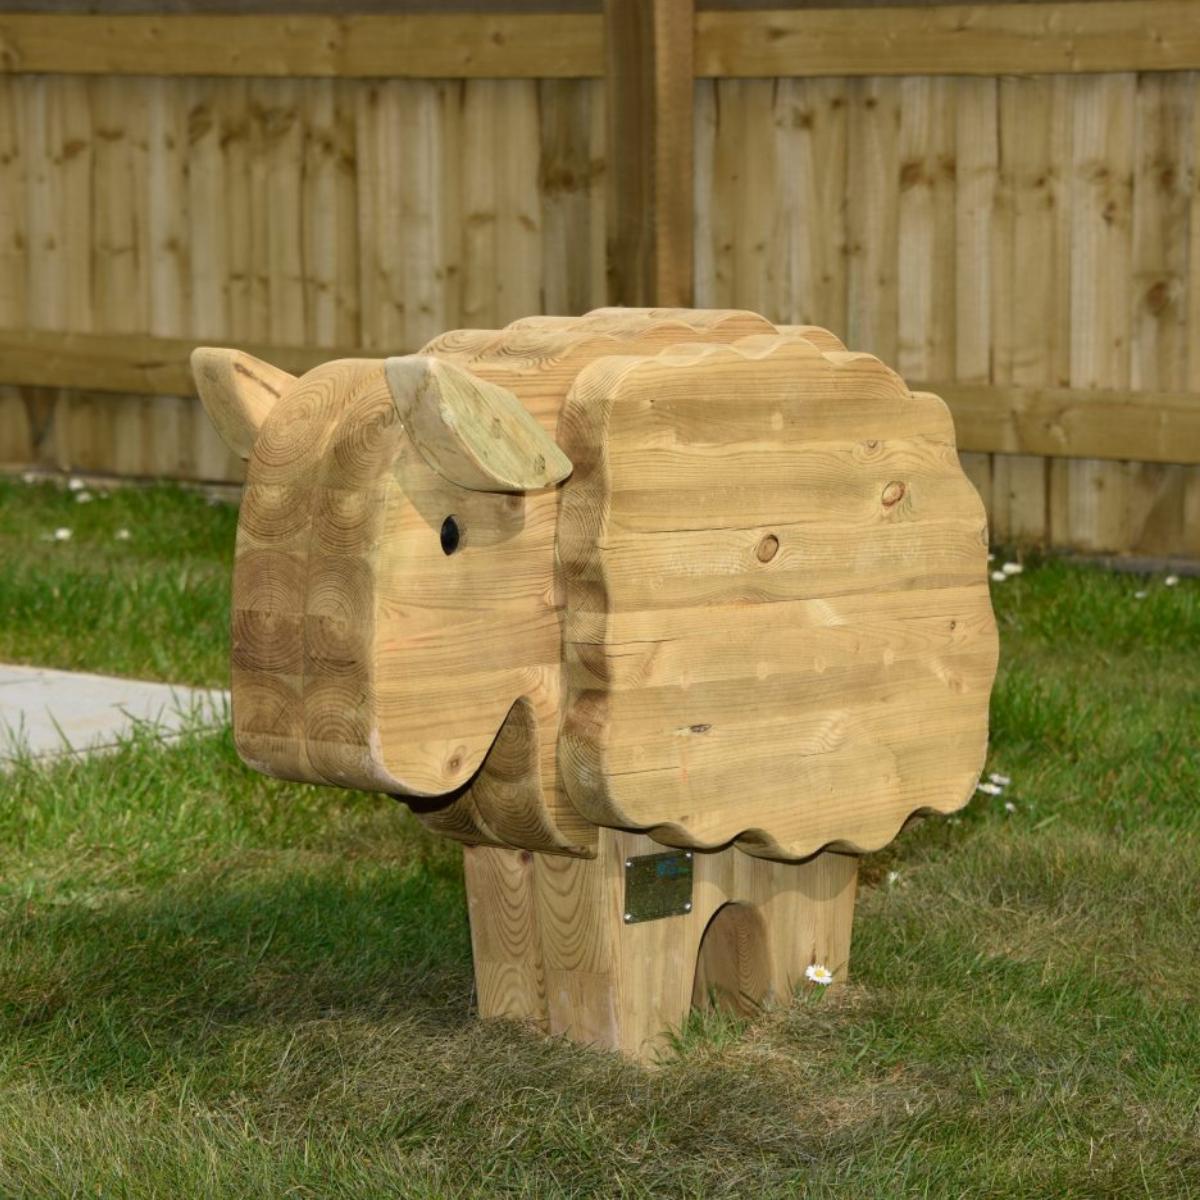 Sheep Play Sculpture